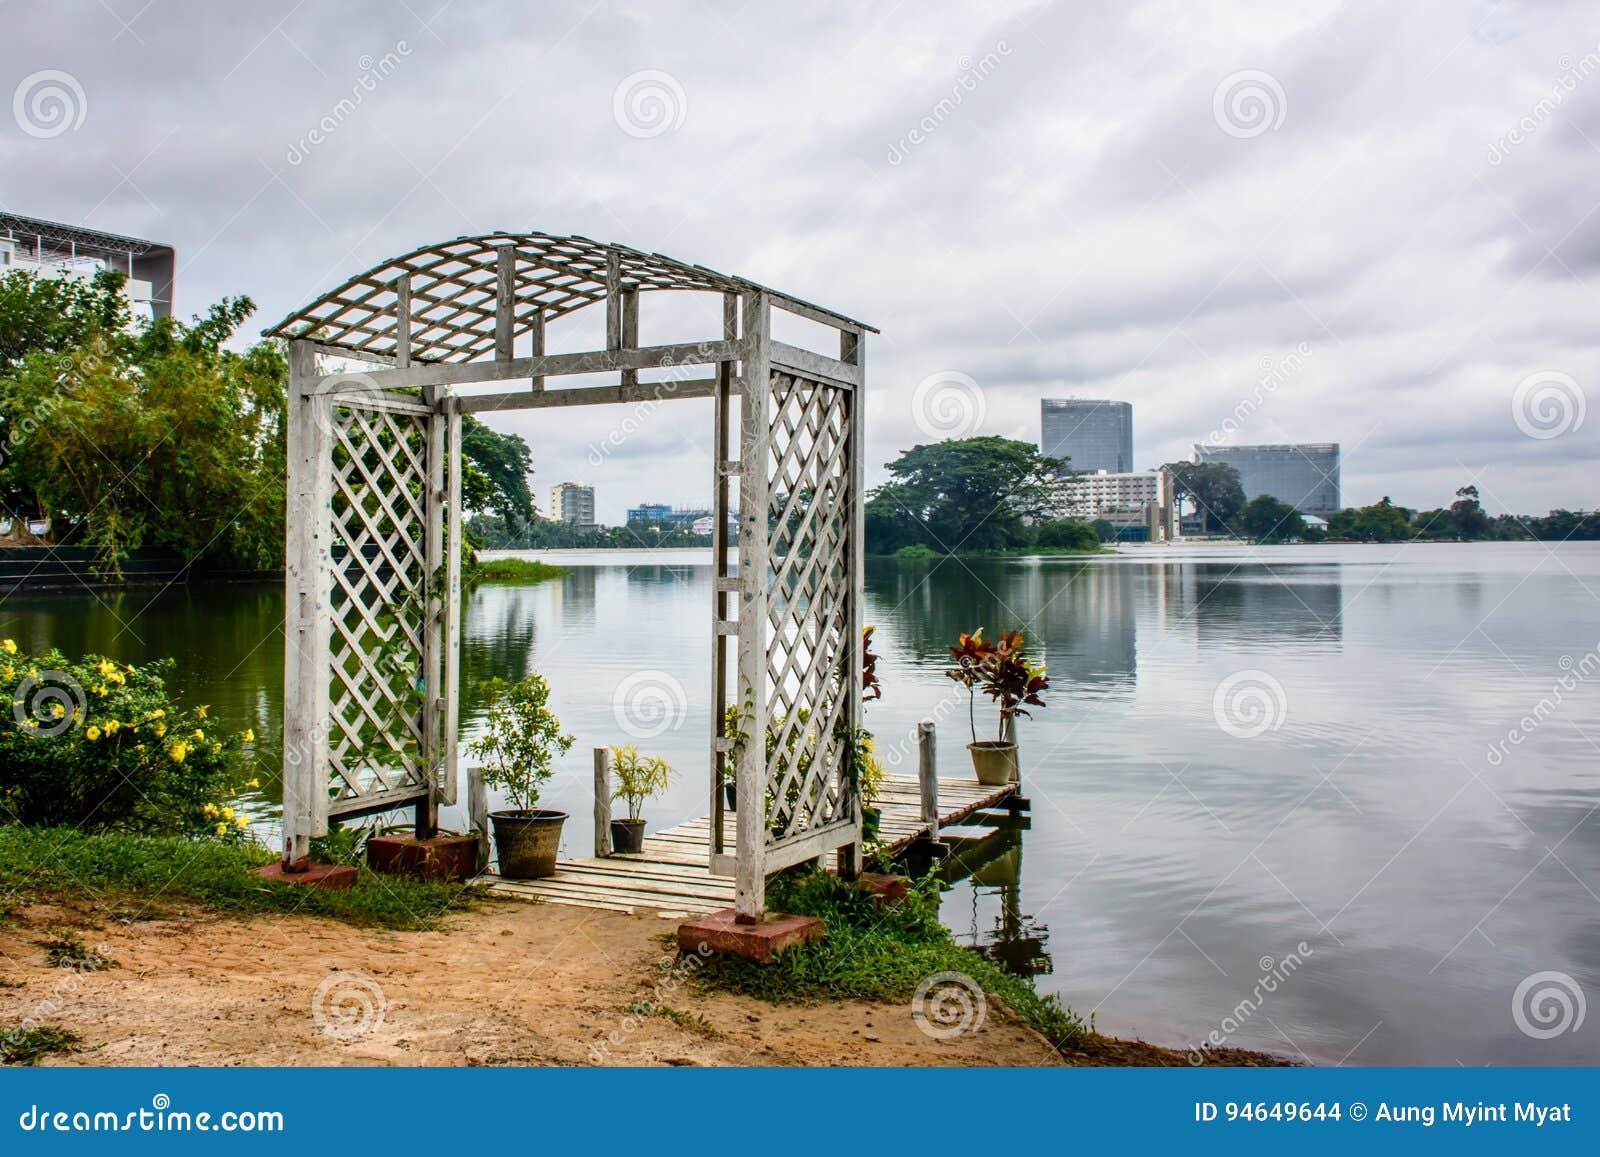 Trayectoria hermosa del lago de Inya, Rangún, Myanmar